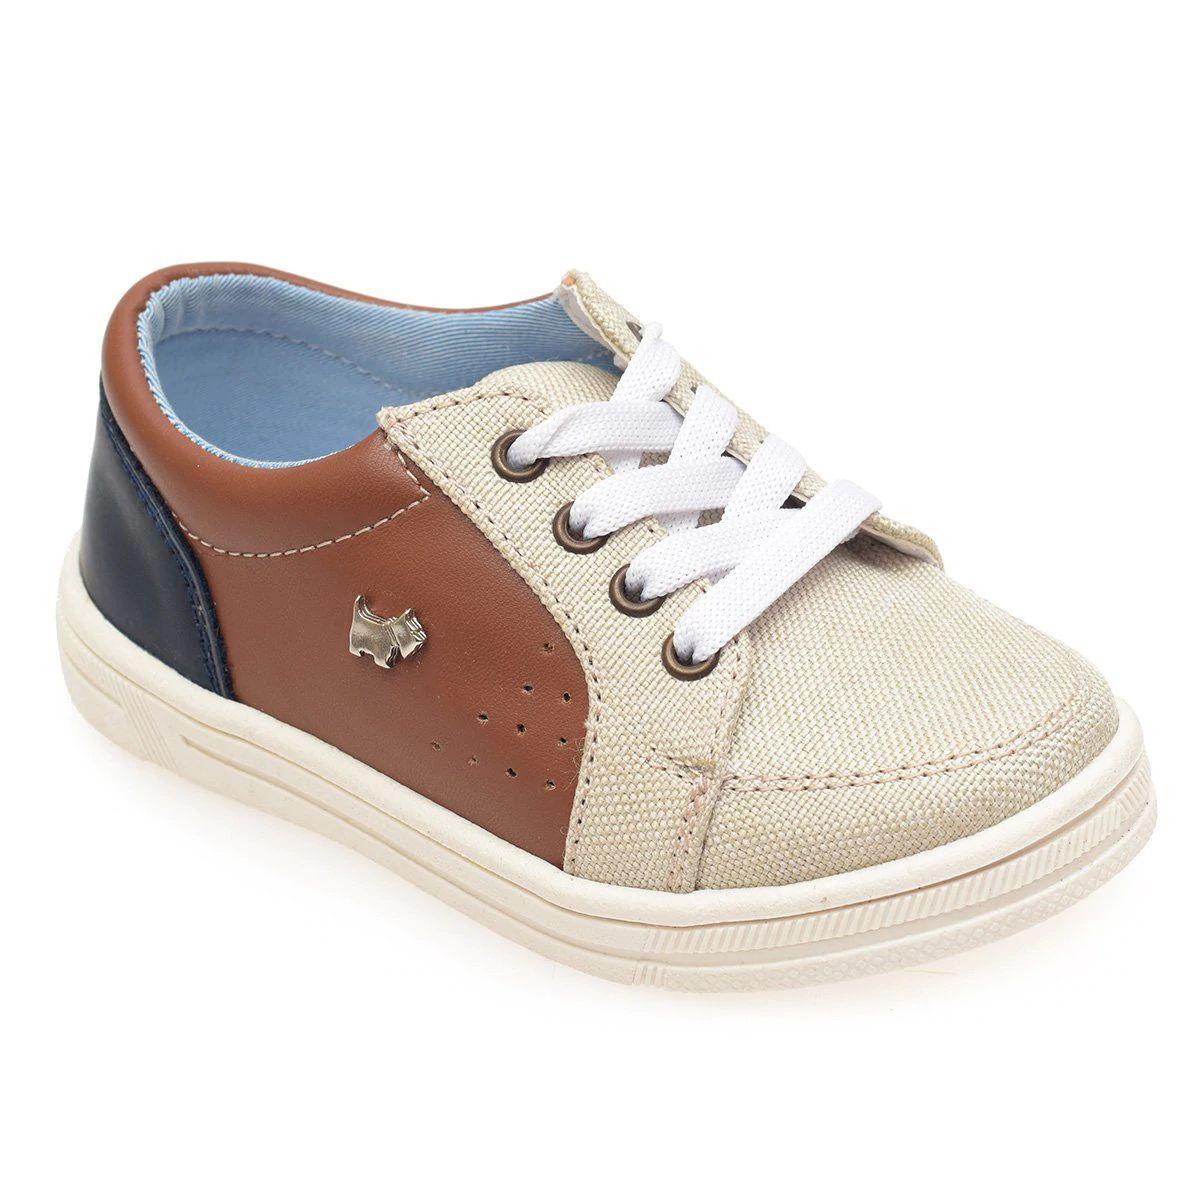 Sears: Zapato Ferrioni niño